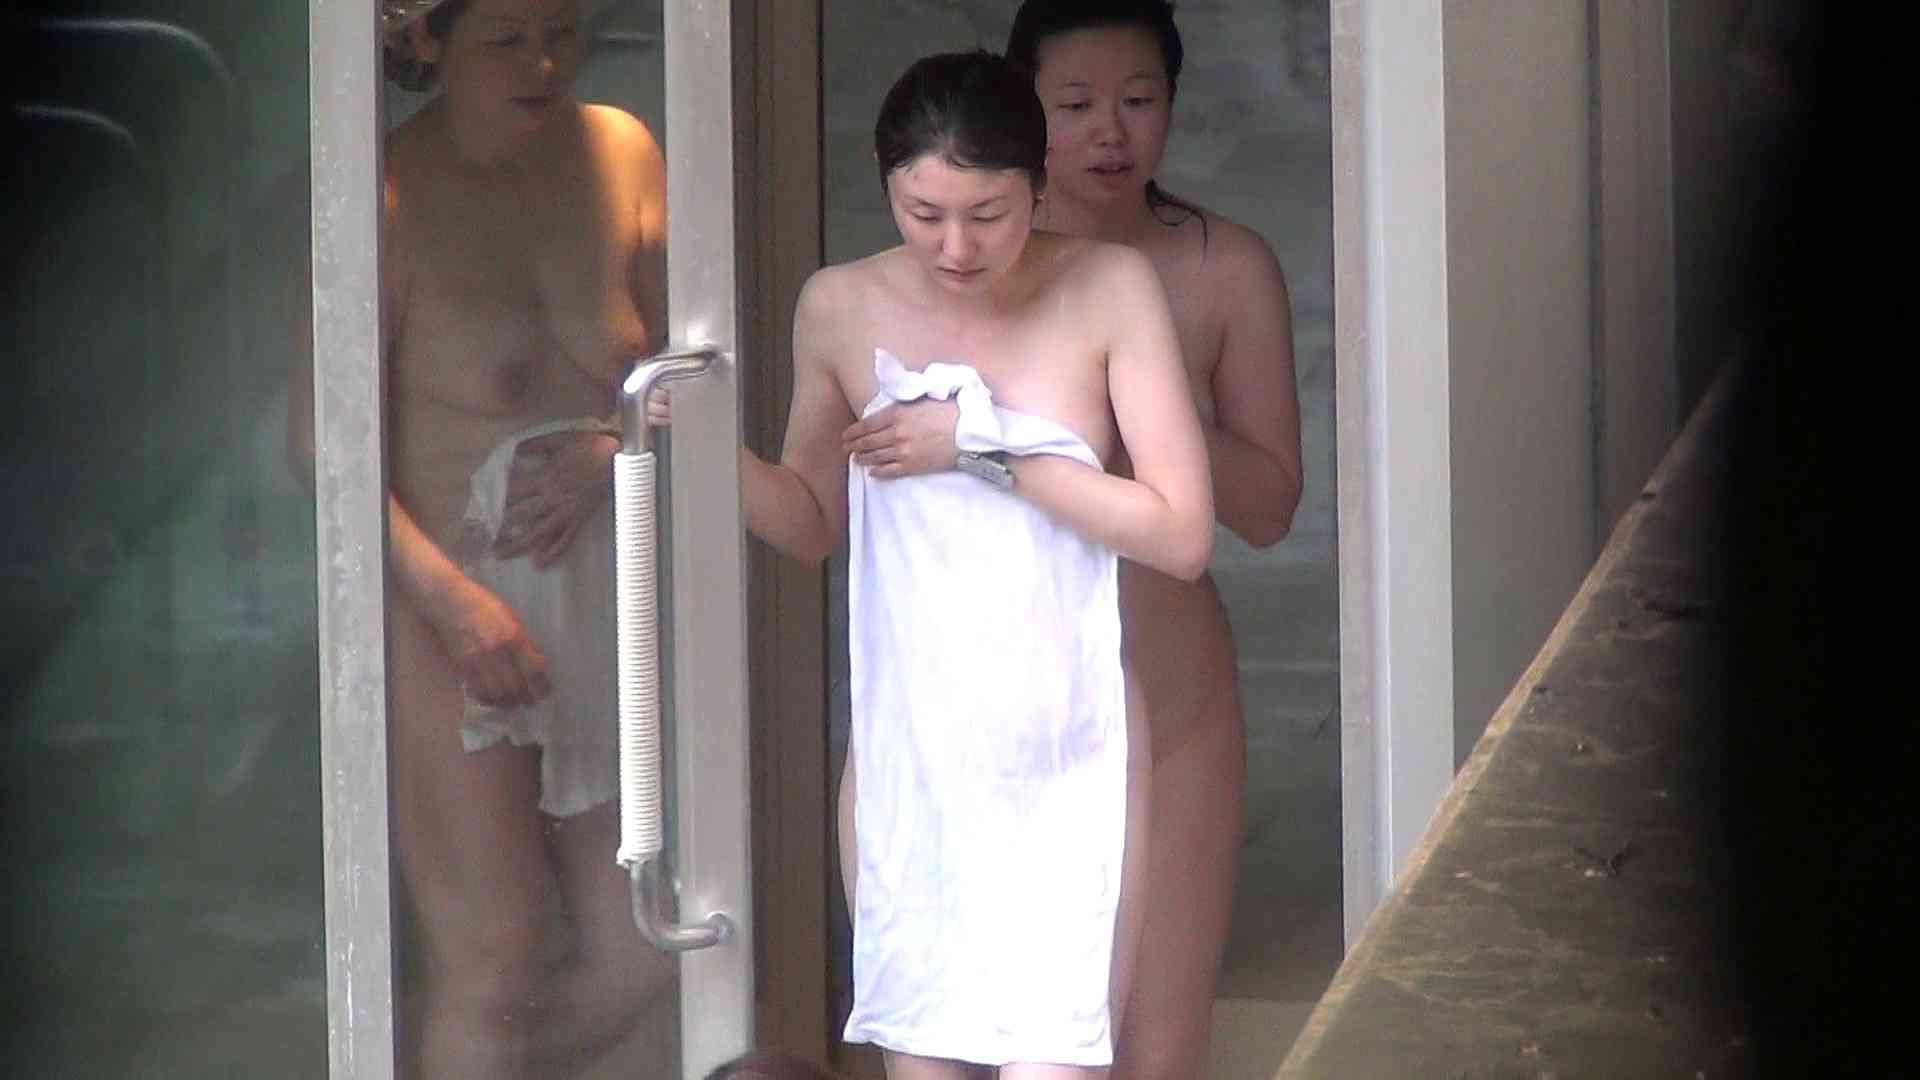 Vol.66 血縁関係三人の裸体鑑賞 タオルが憎い 細身体型 性交動画流出 90枚 45